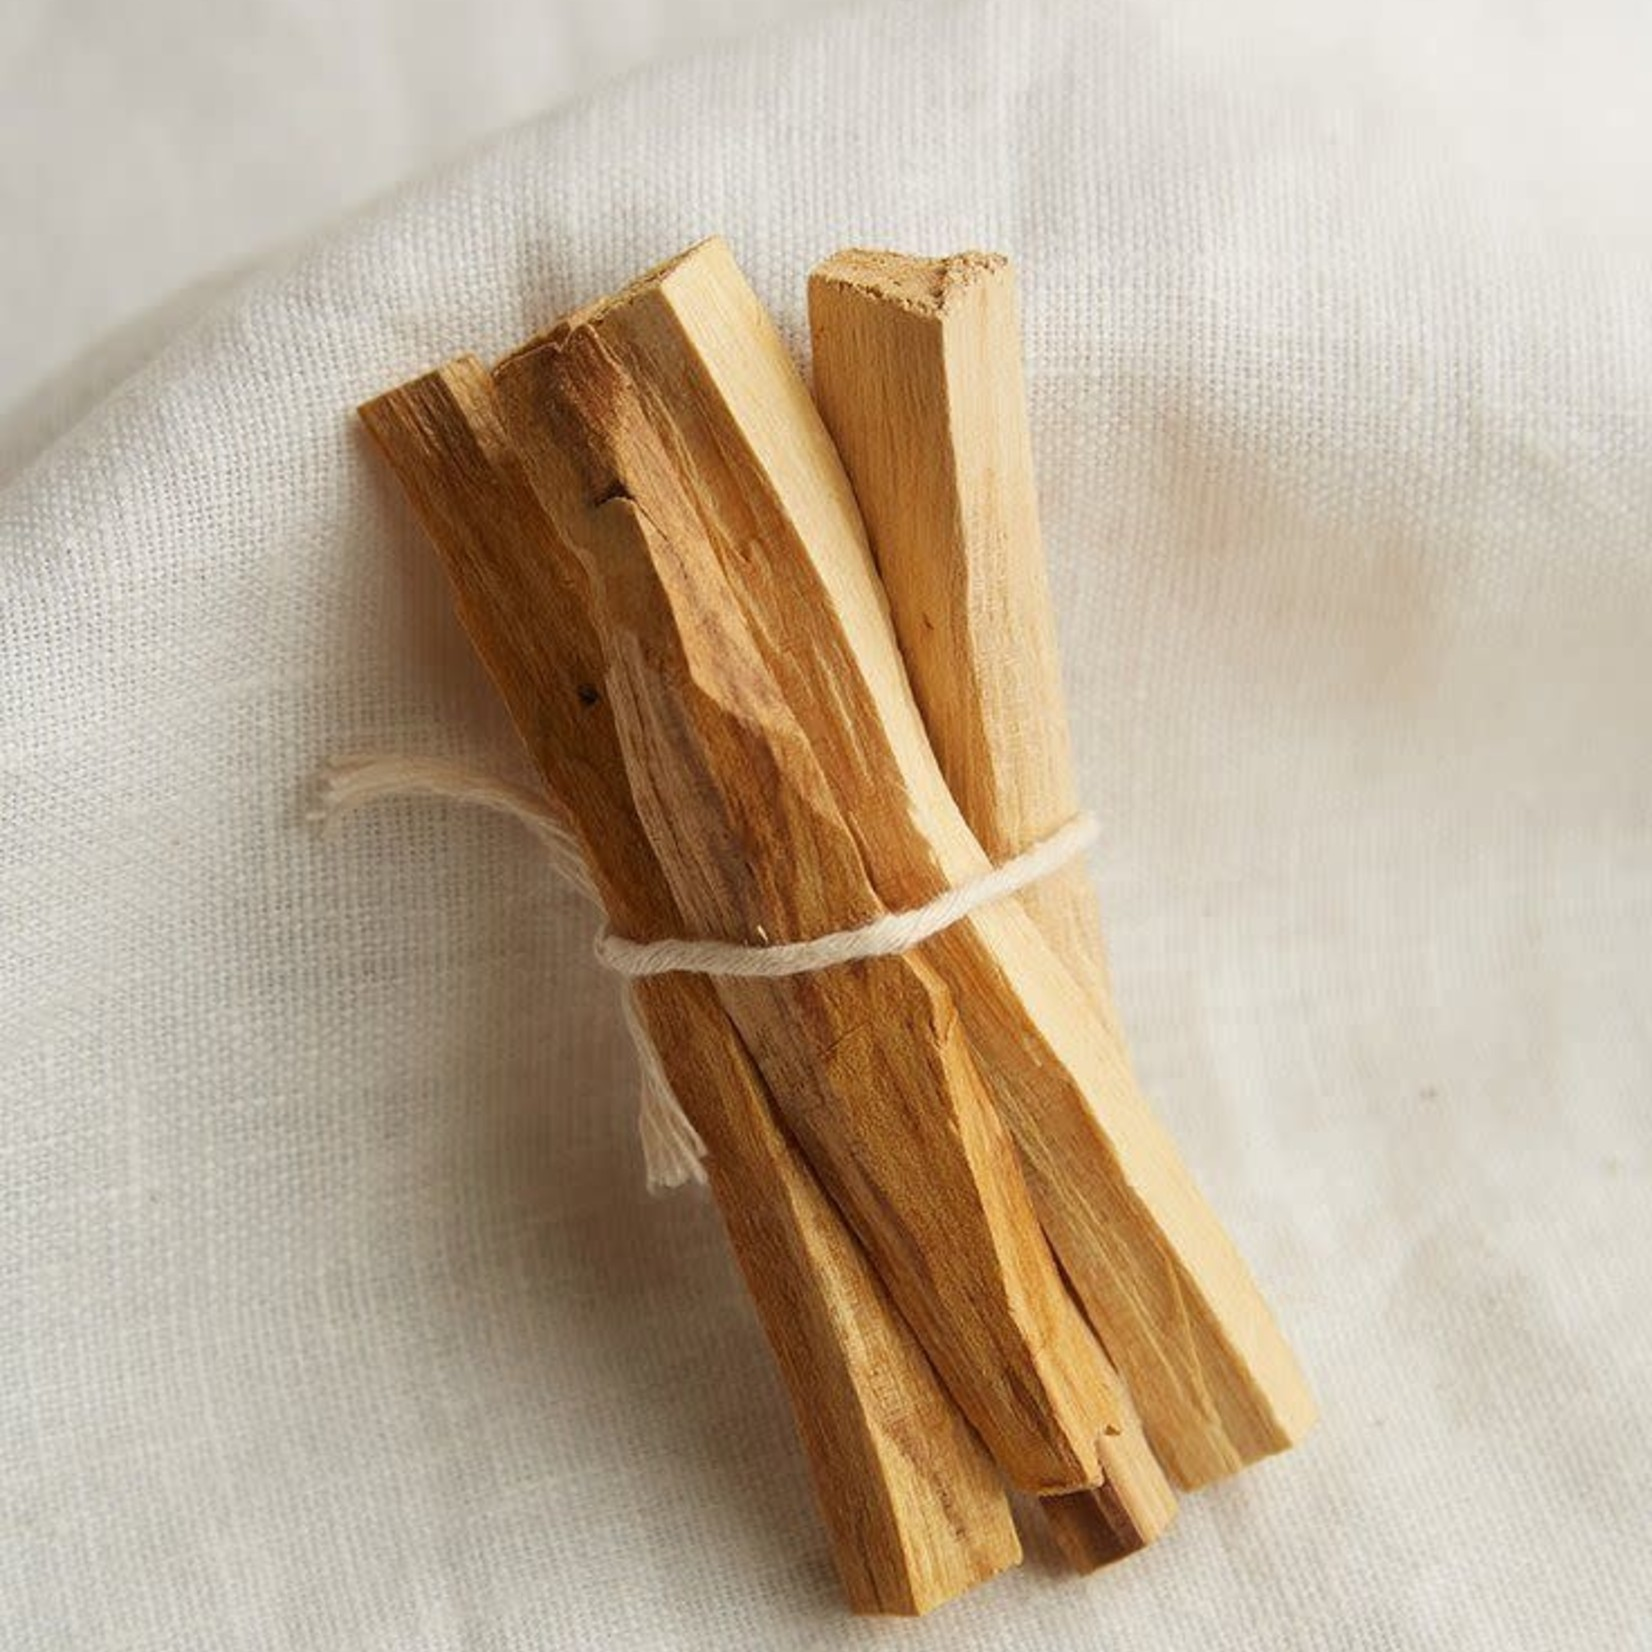 Le suppliher Palo santo (5 batons)